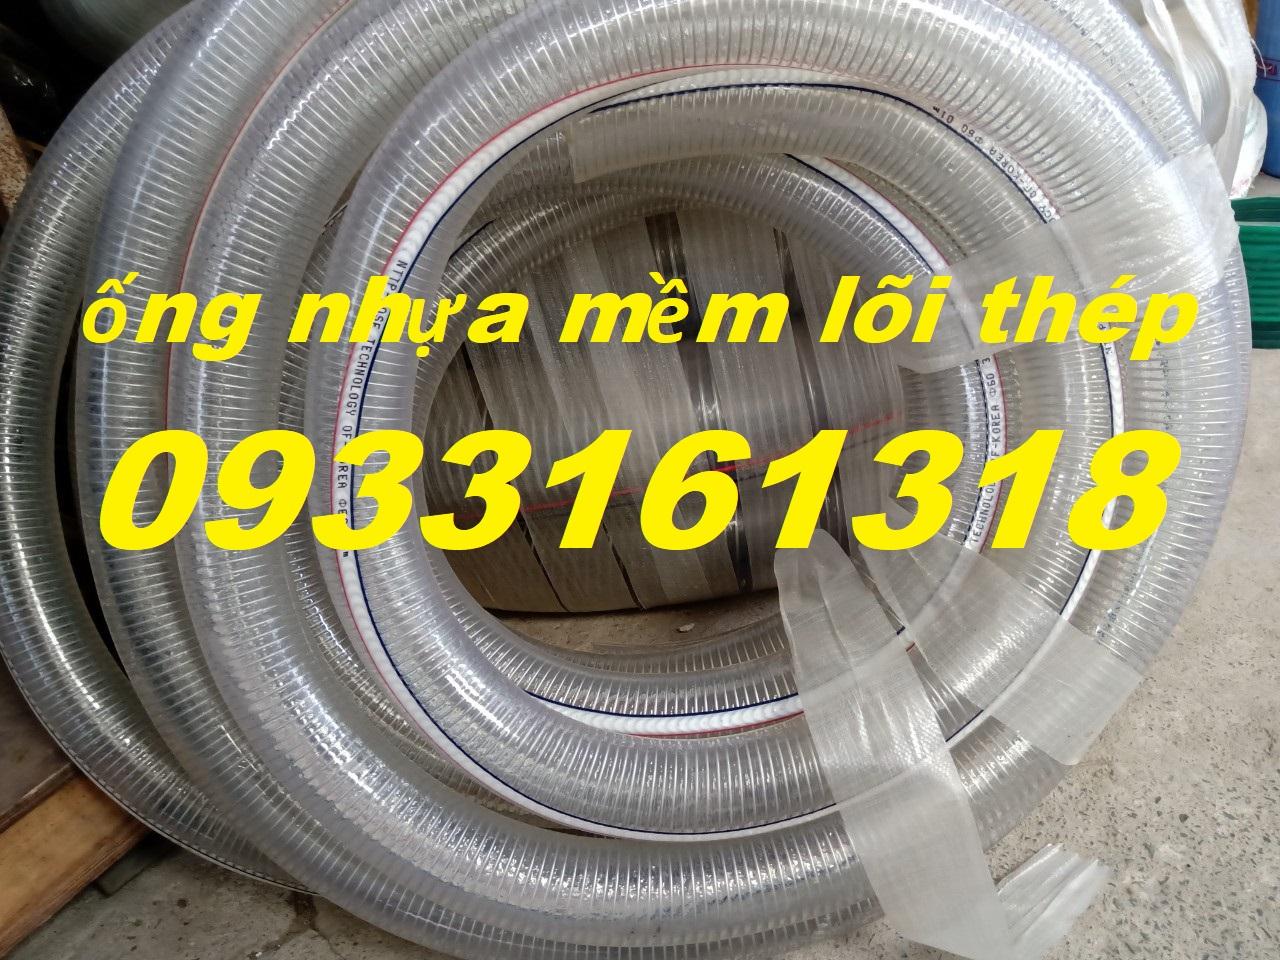 Ống nhựa mềm lõi thép, ống nhựa xoẵn kẽm, ống nhựa mềm pvc